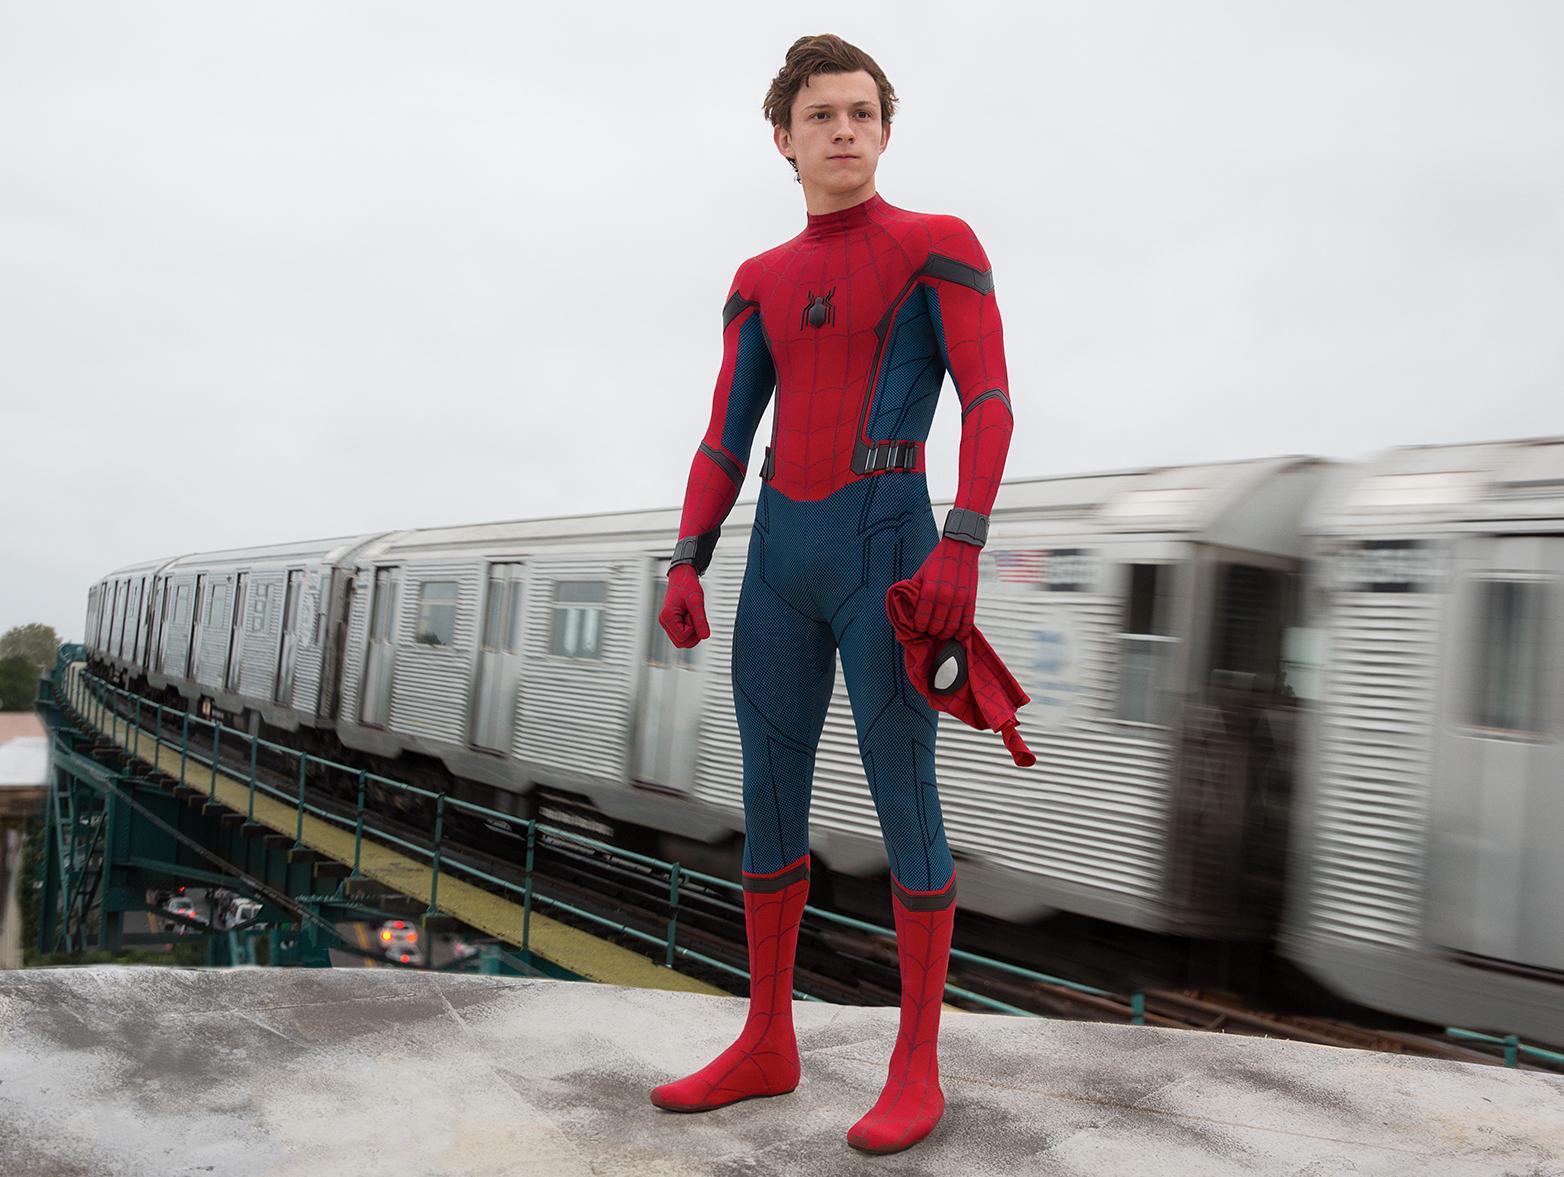 Глава Disney спас «Человека-паука». Том Холланд должен ему пол-литра пива